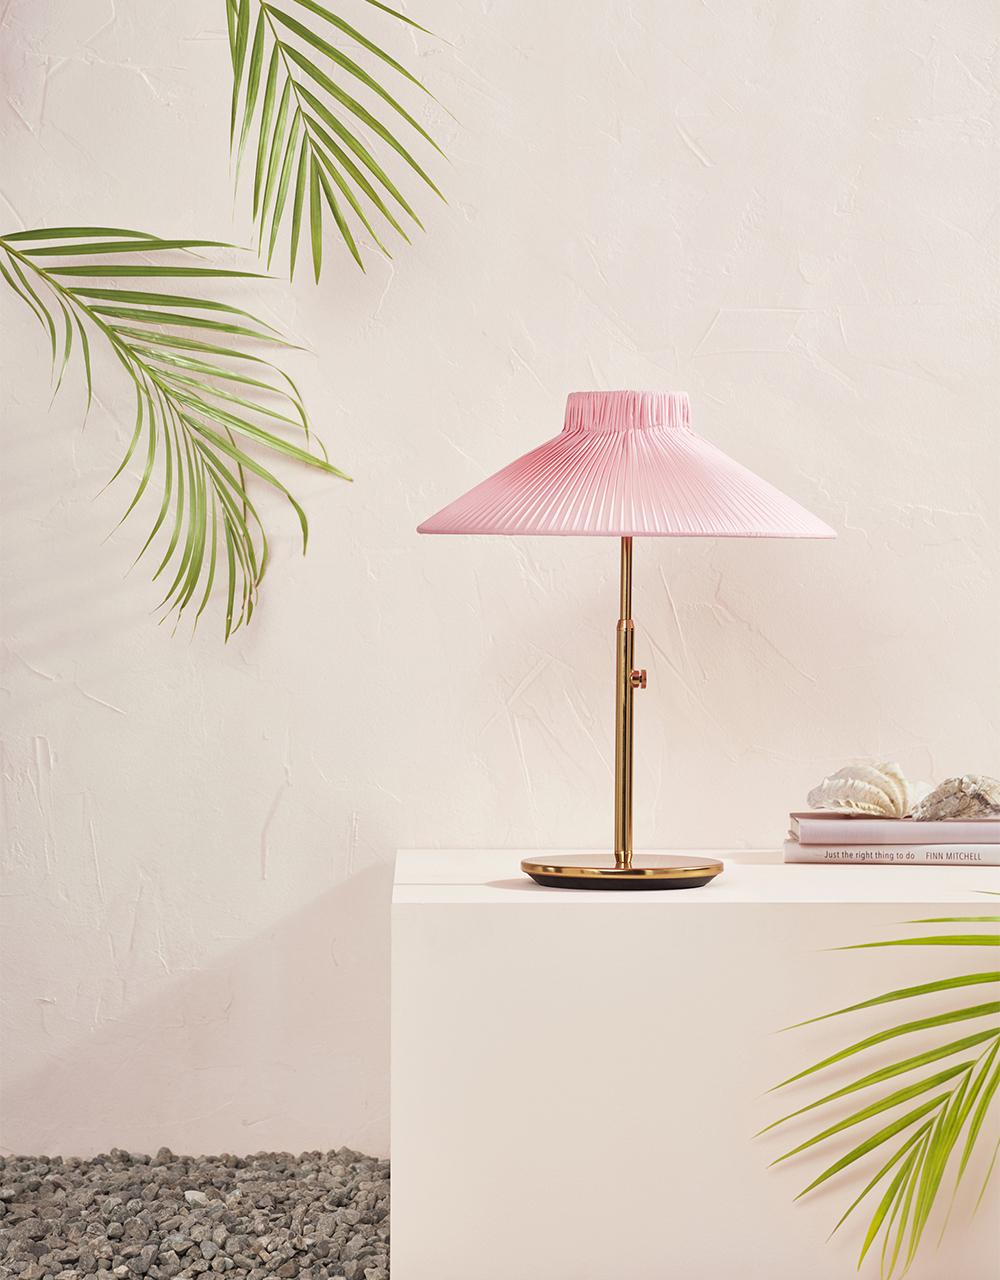 Rosa lampa från Ikea-katalogen 2020